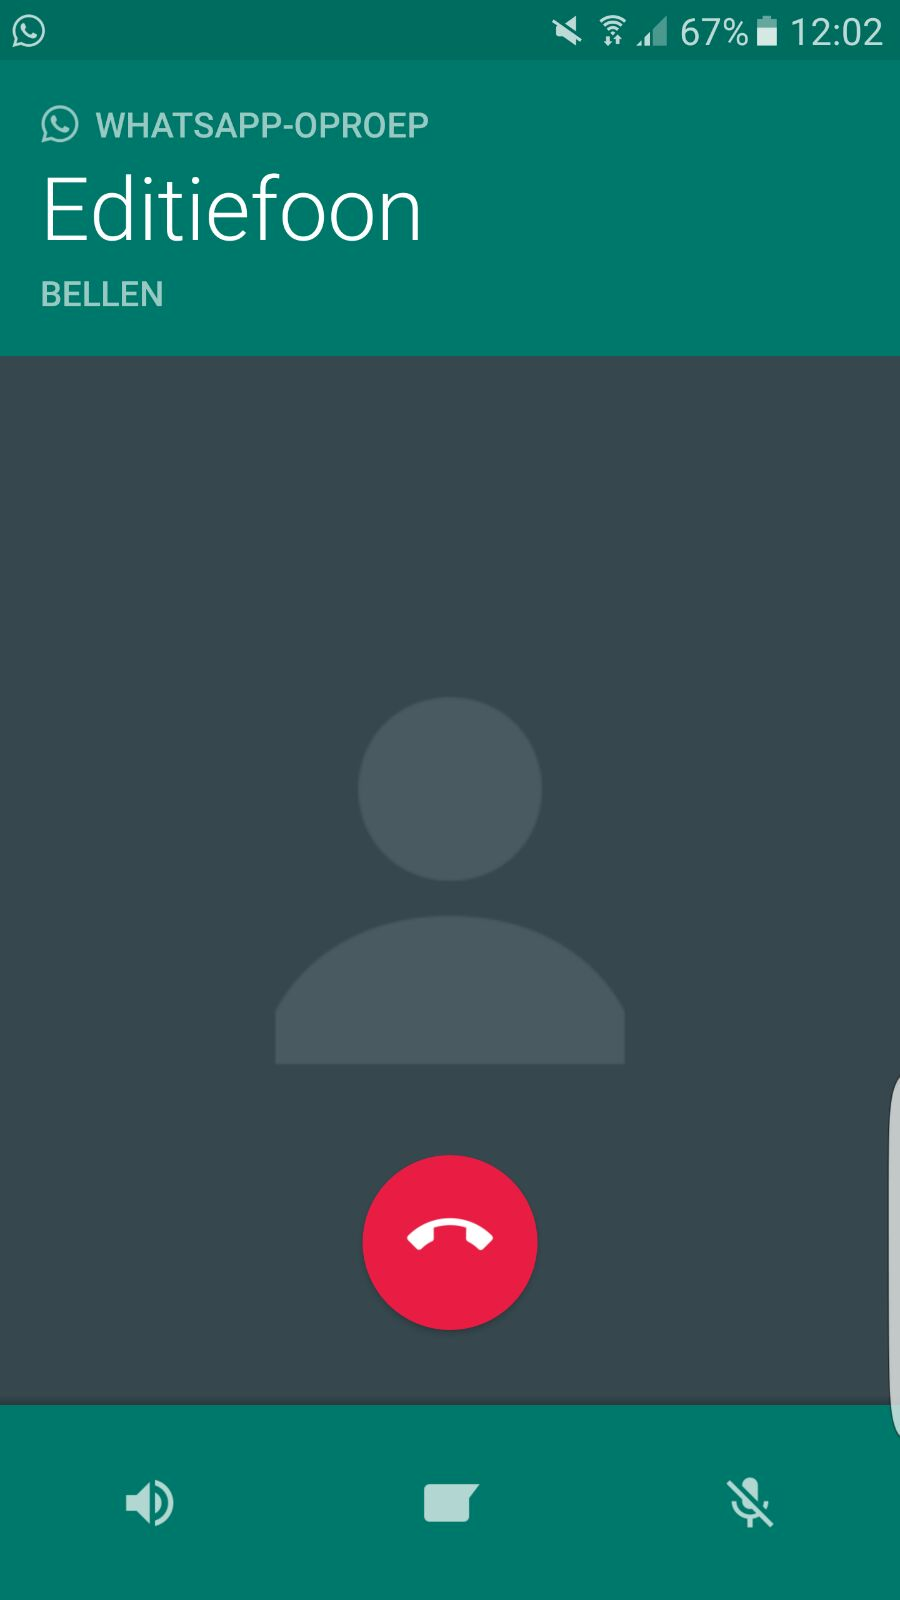 kost whatsapp bellen geld